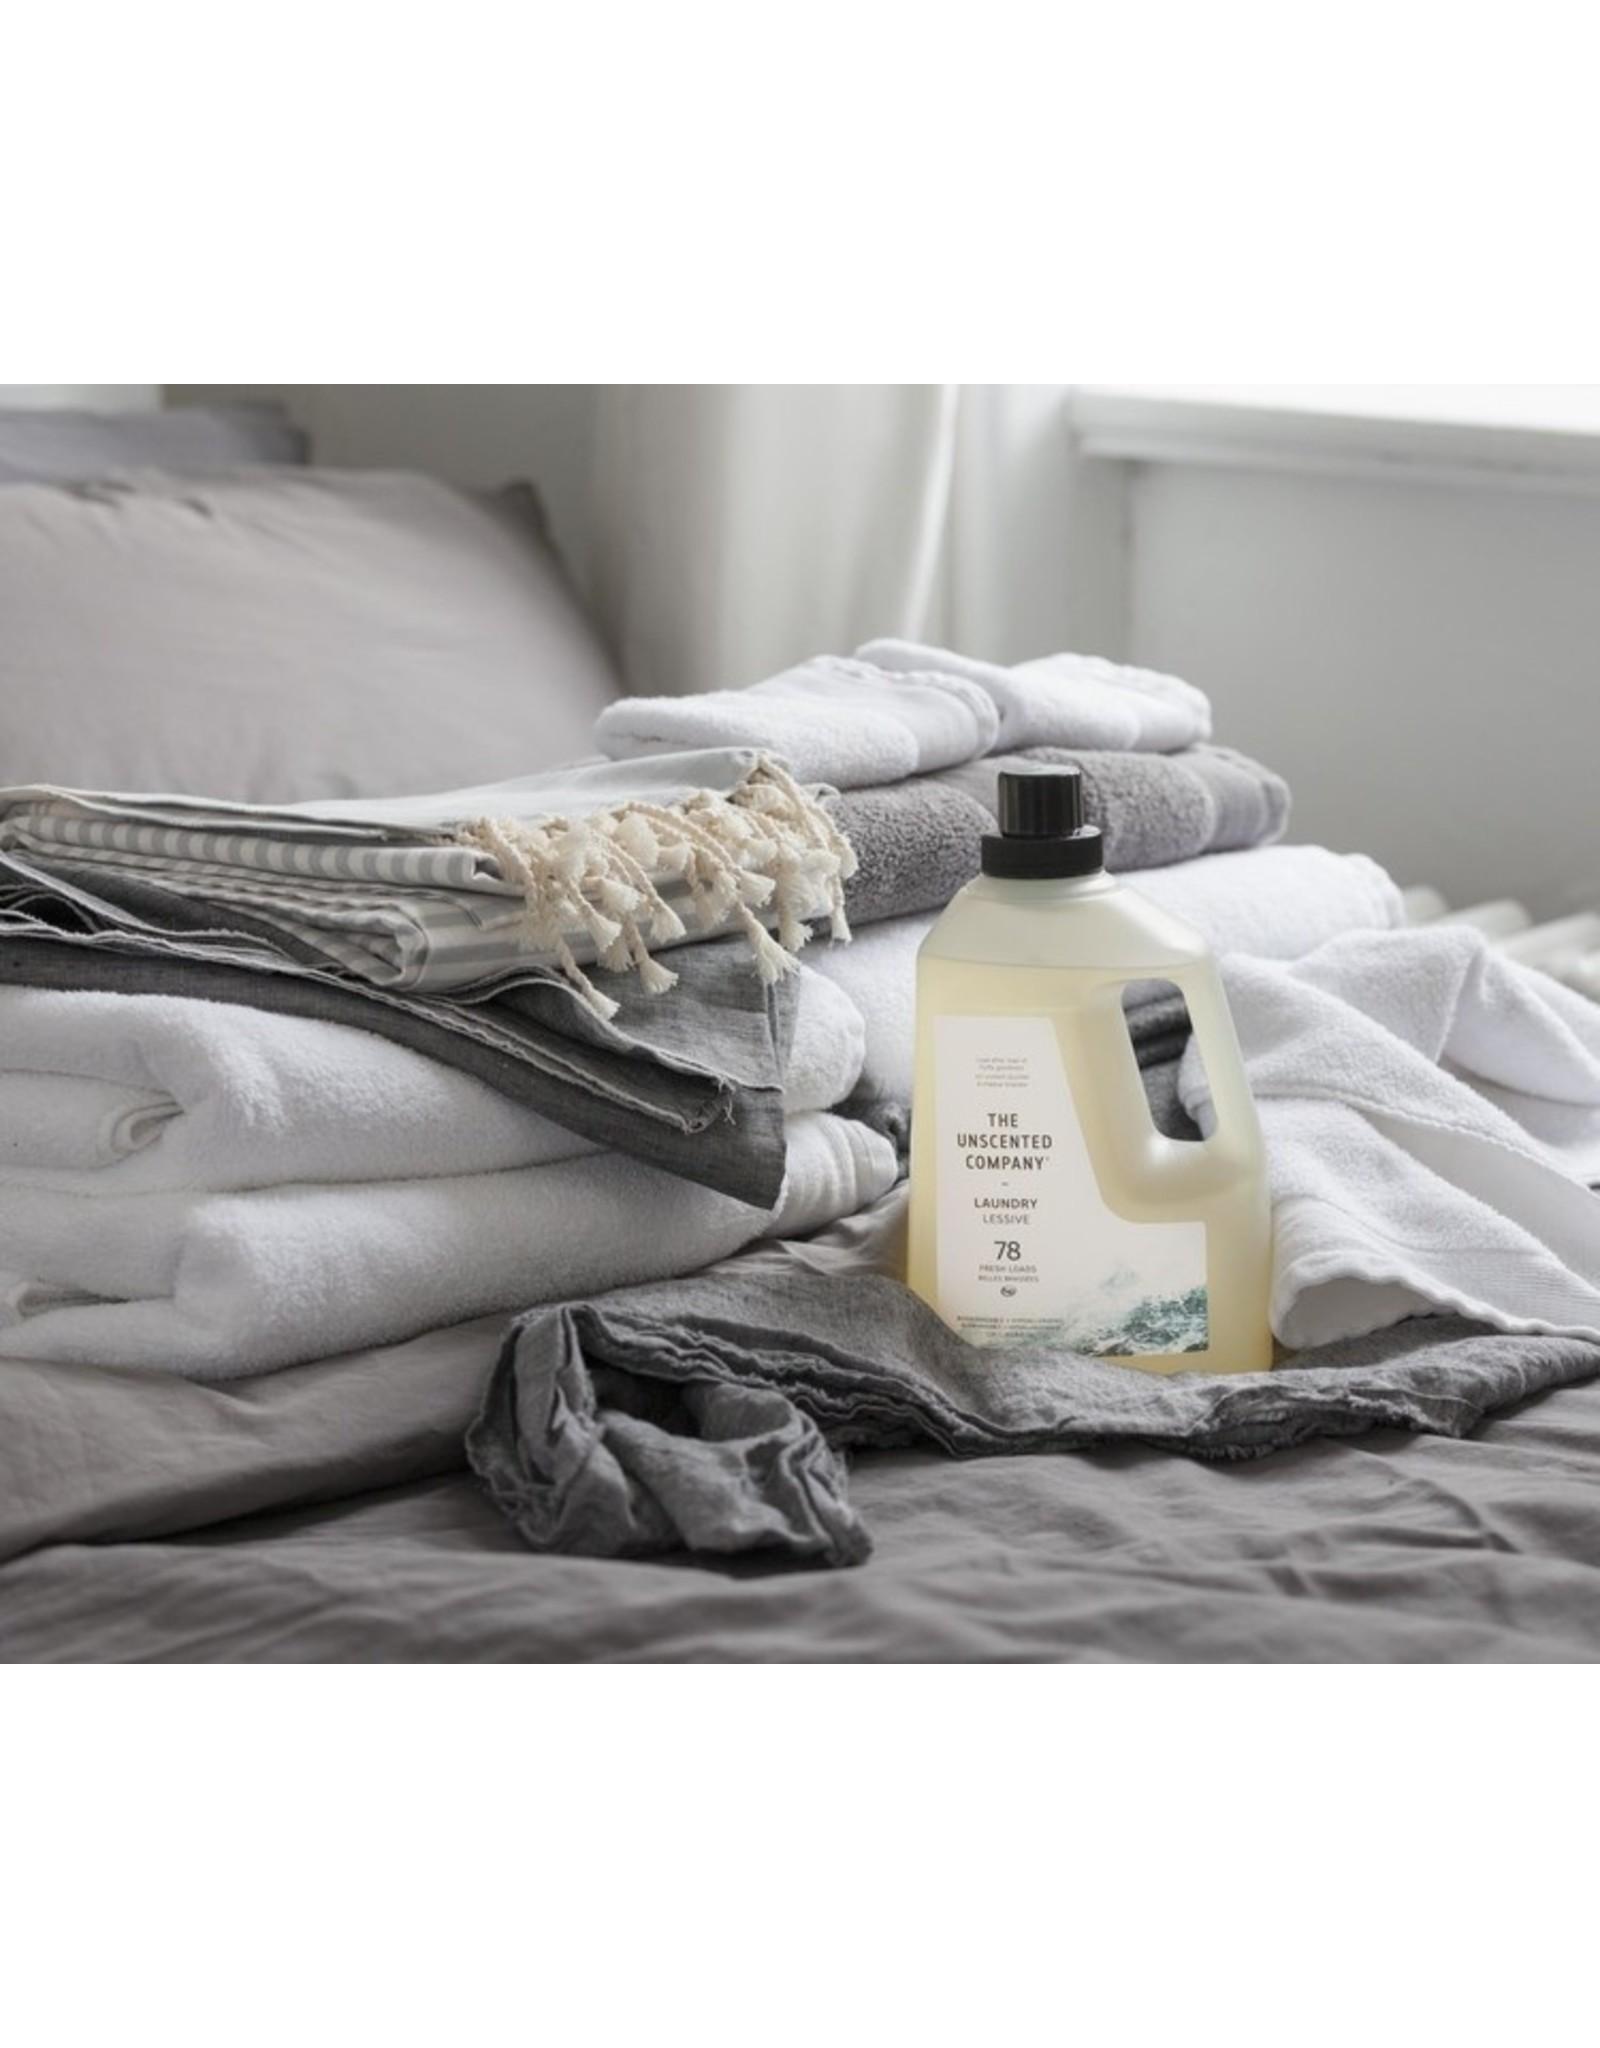 The Unscented Company The Unscented Company Laundry 78 Loads